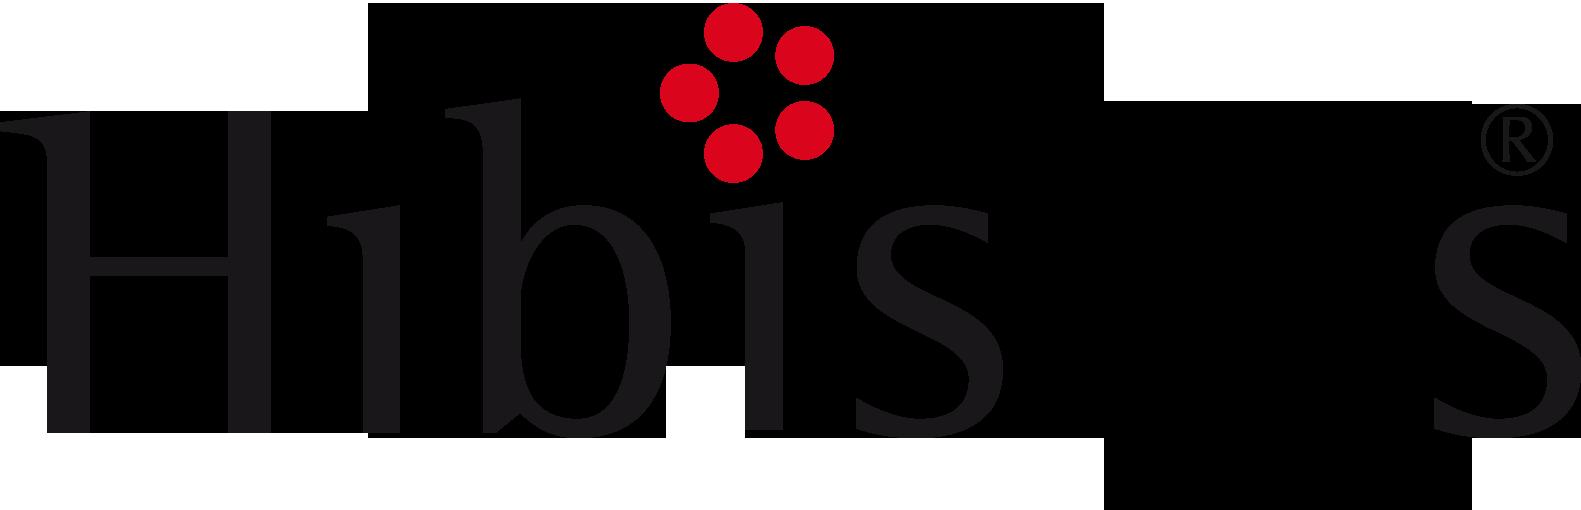 HibisQs_logo.png